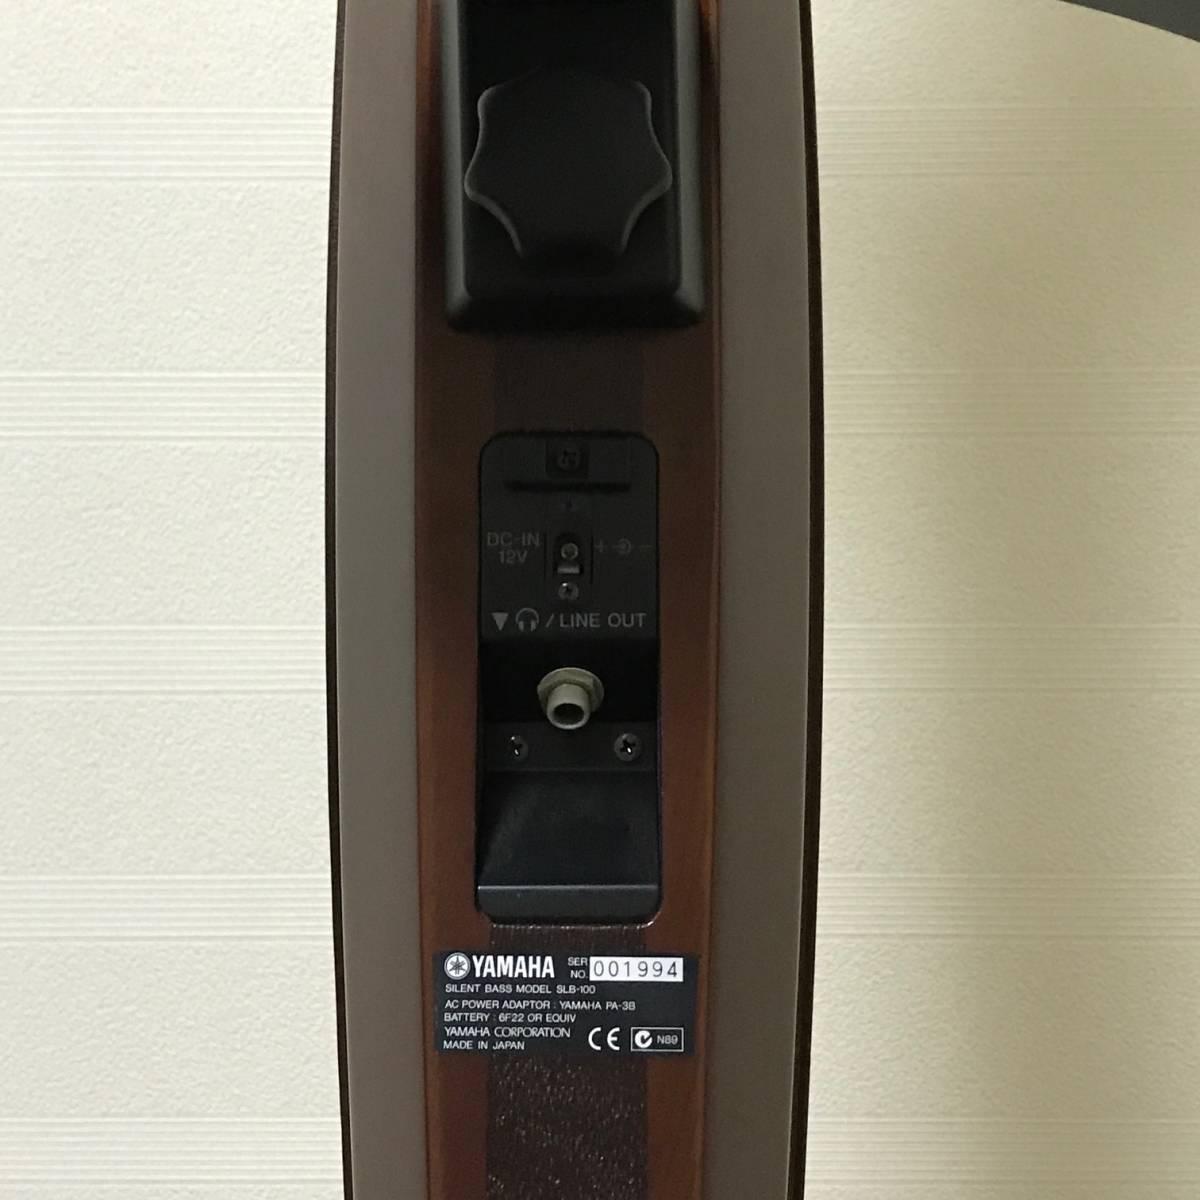 動作品 YAMAHA サイレントベース SLB-100 & 専用ソフトケース BSC1 & 専用スタンド BST1 & 専用ひざ当て BKS1 オプション多数_画像6